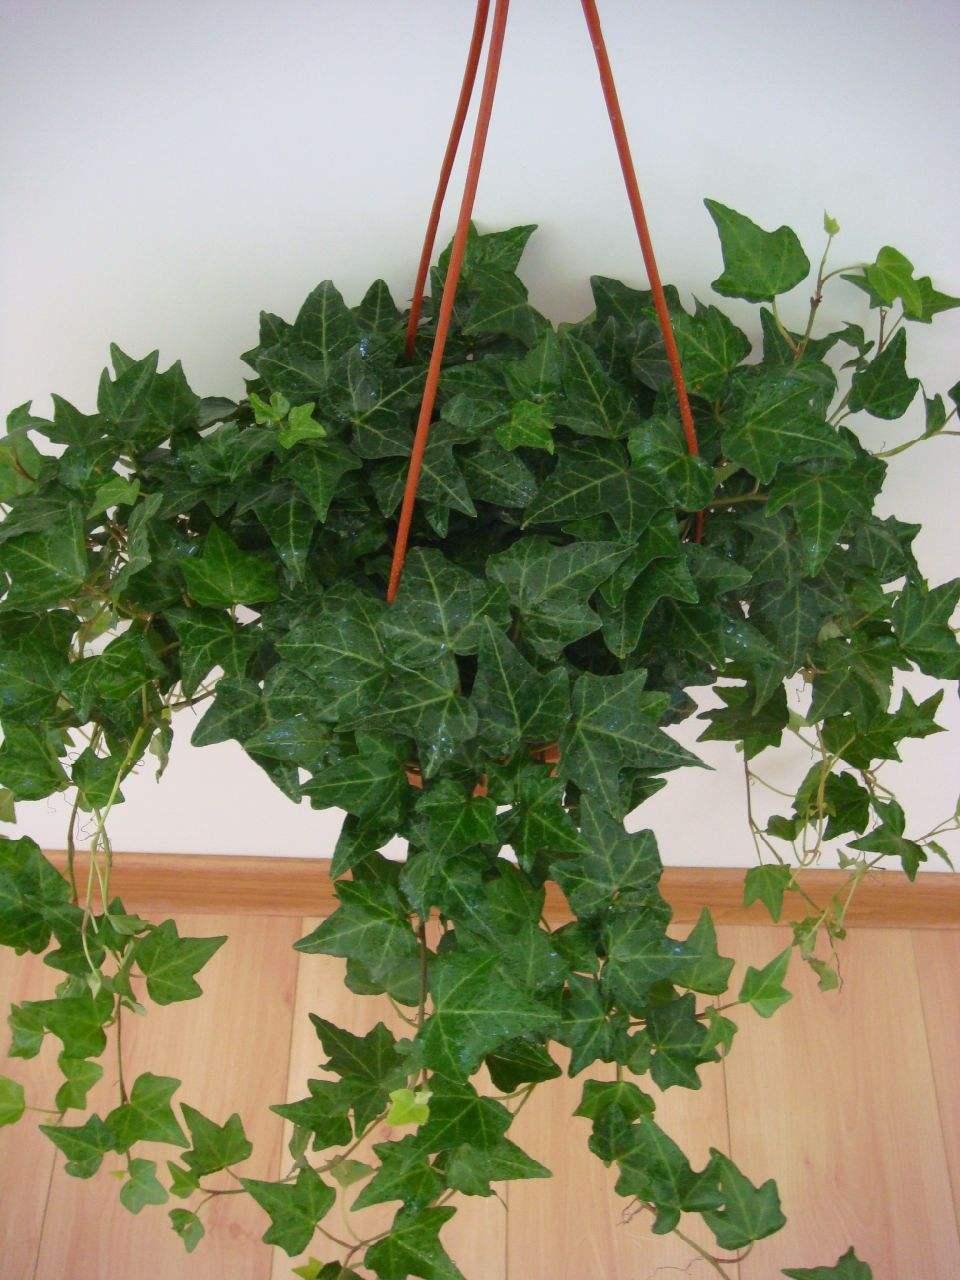 辦公室小型盆栽租賃-常春藤